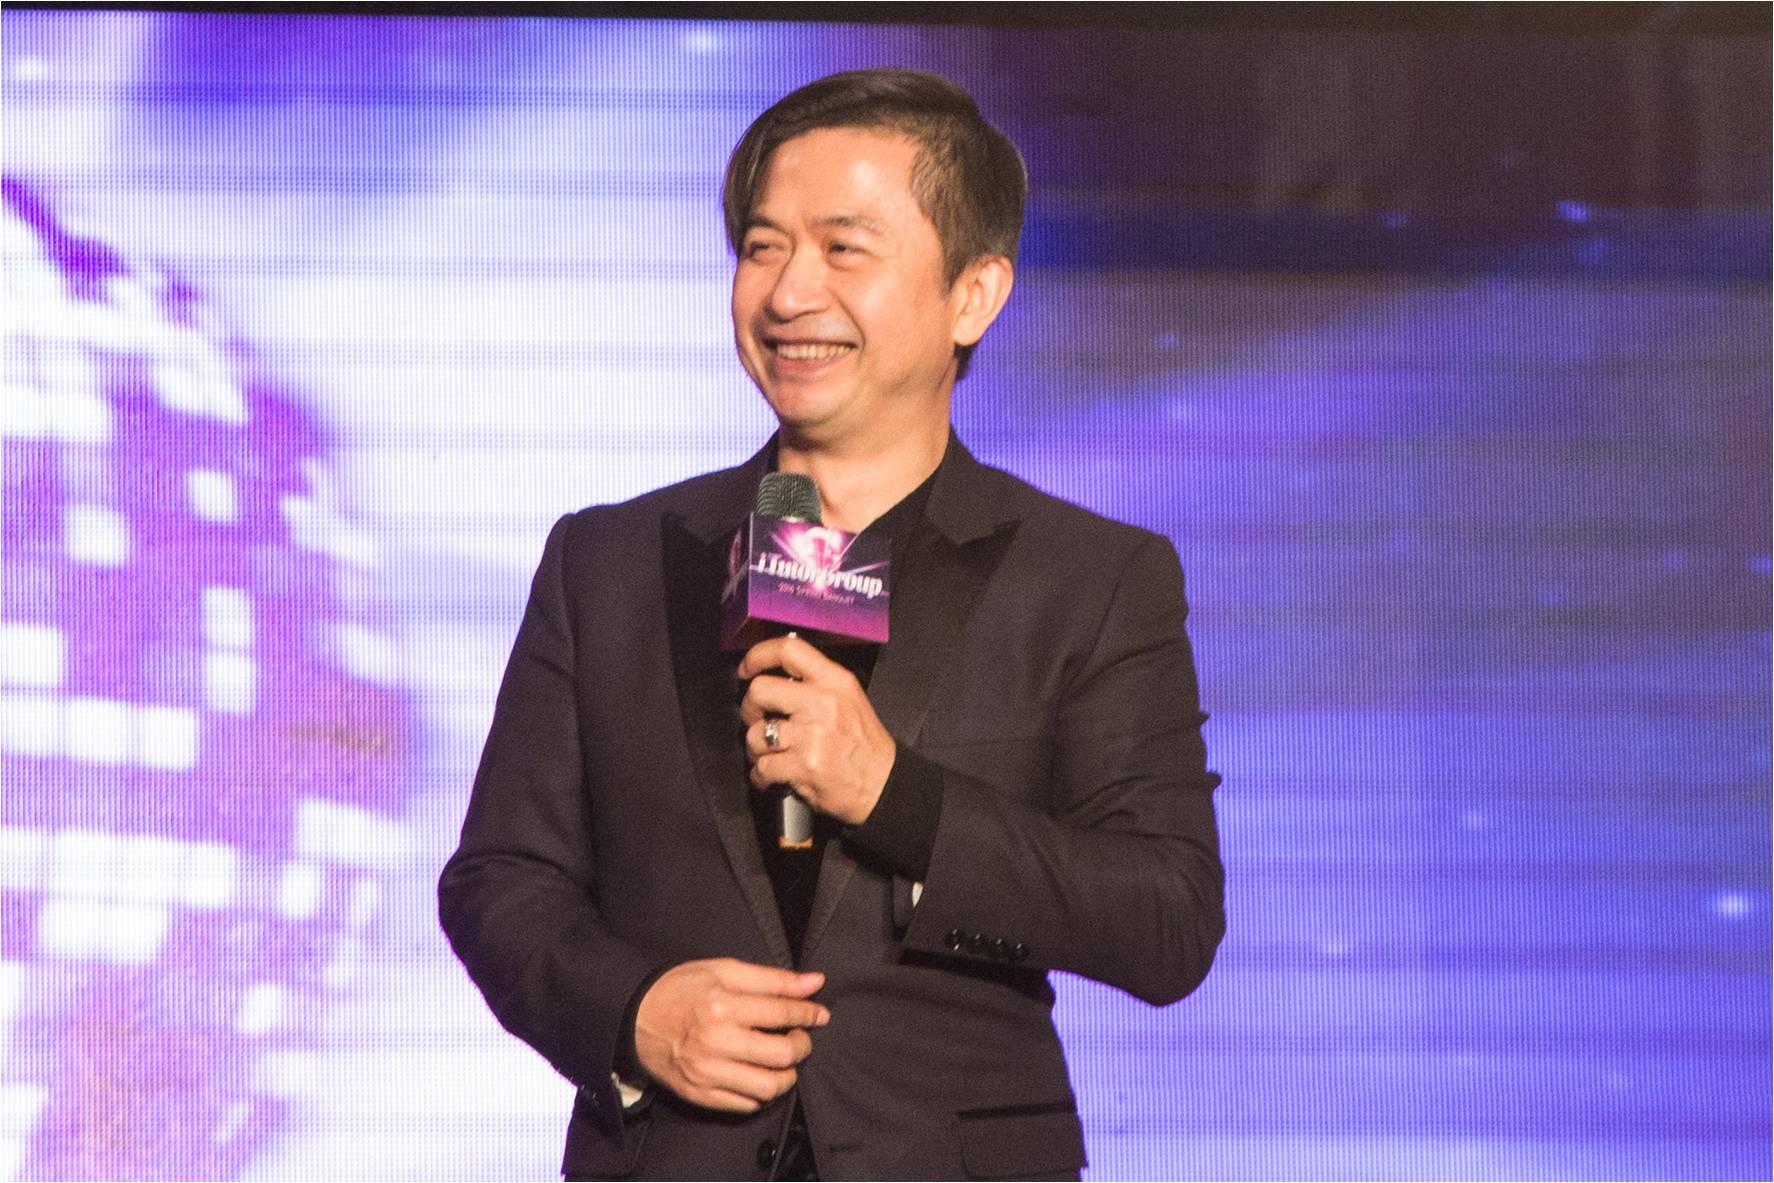 03.iTutorGroup集團新任副總裁黃舒駿難掩興奮 慷慨致詞-1